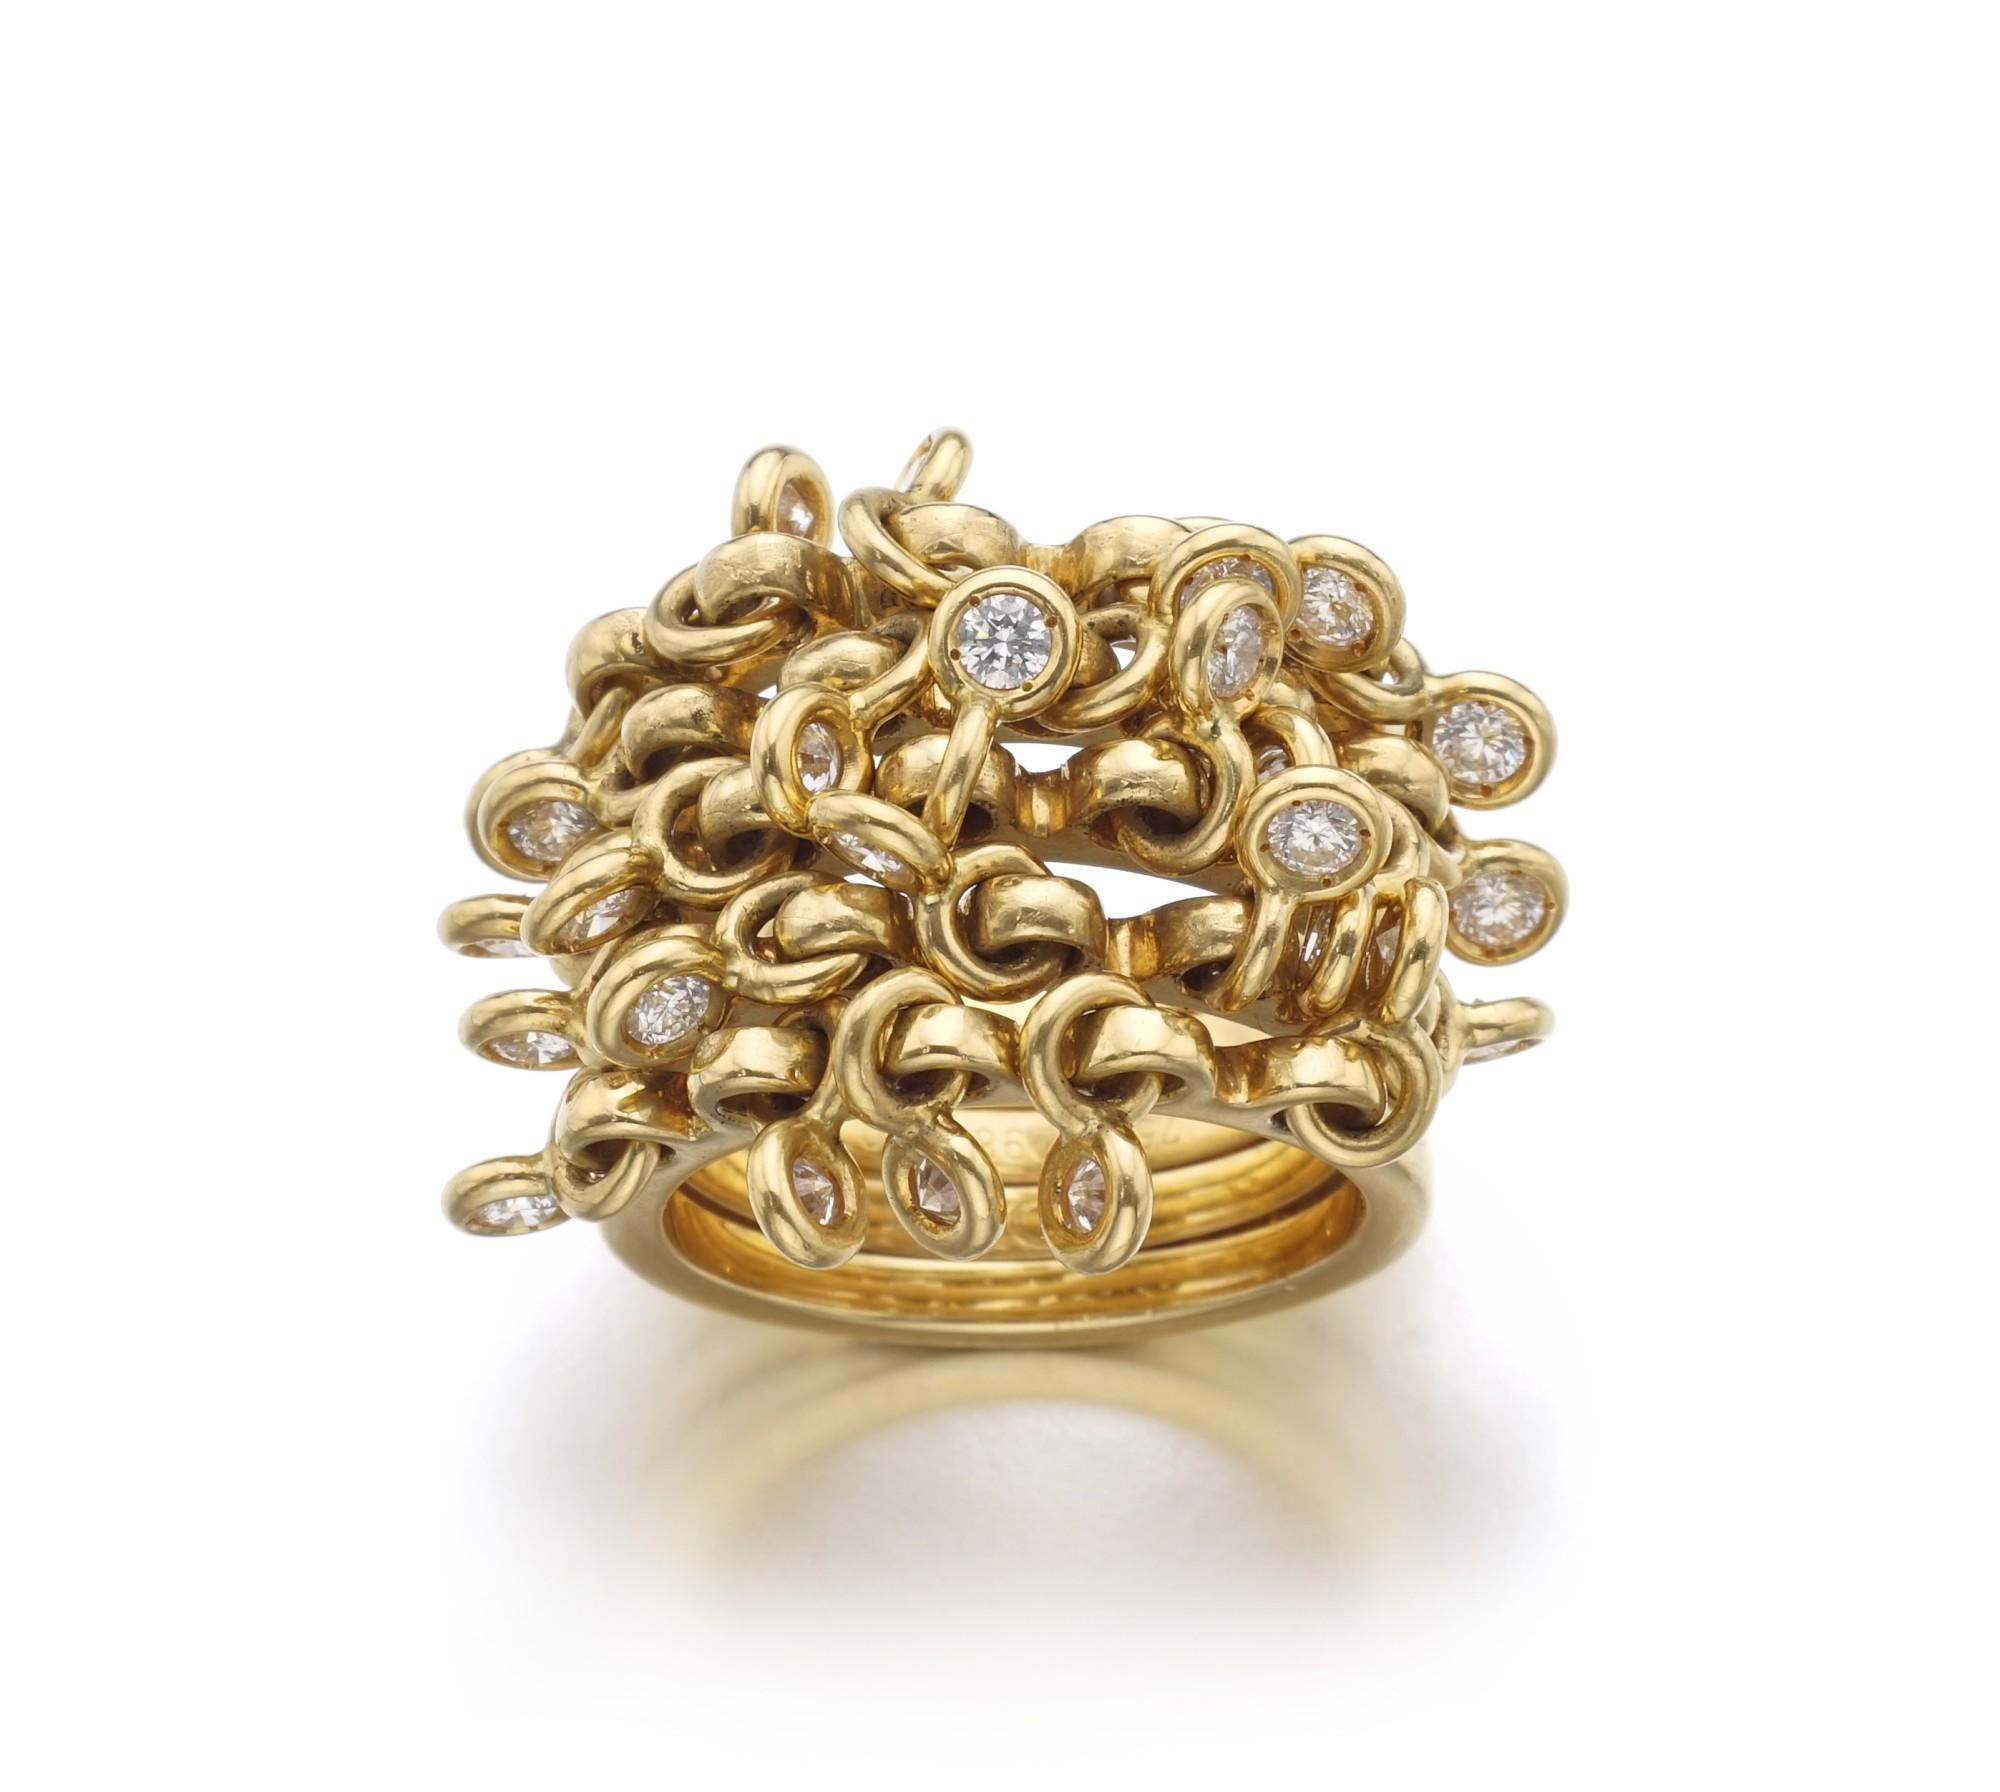 DIAMOND RING, 'COQUINE' | DIOR